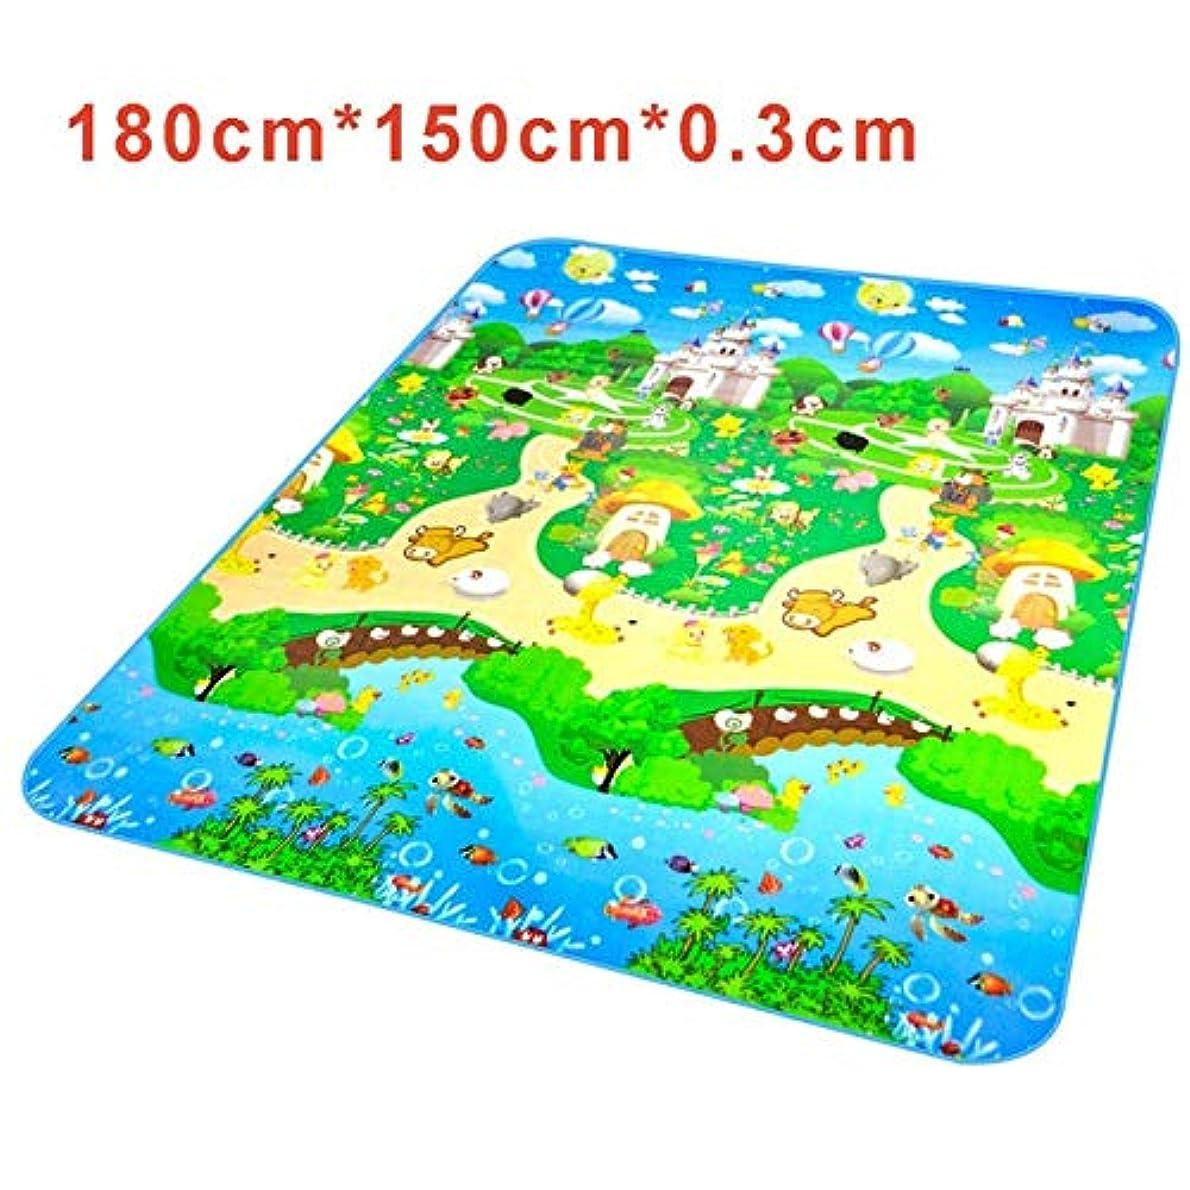 振る選択するデータムキッズダンスカーペット子供の教育の手紙アルファベットラグPlaymatのためにダンスマット赤ちゃんフロアマットプレイマット毛布カーペットの幼児を再生 子供用ダンスマット (Color : Castle)